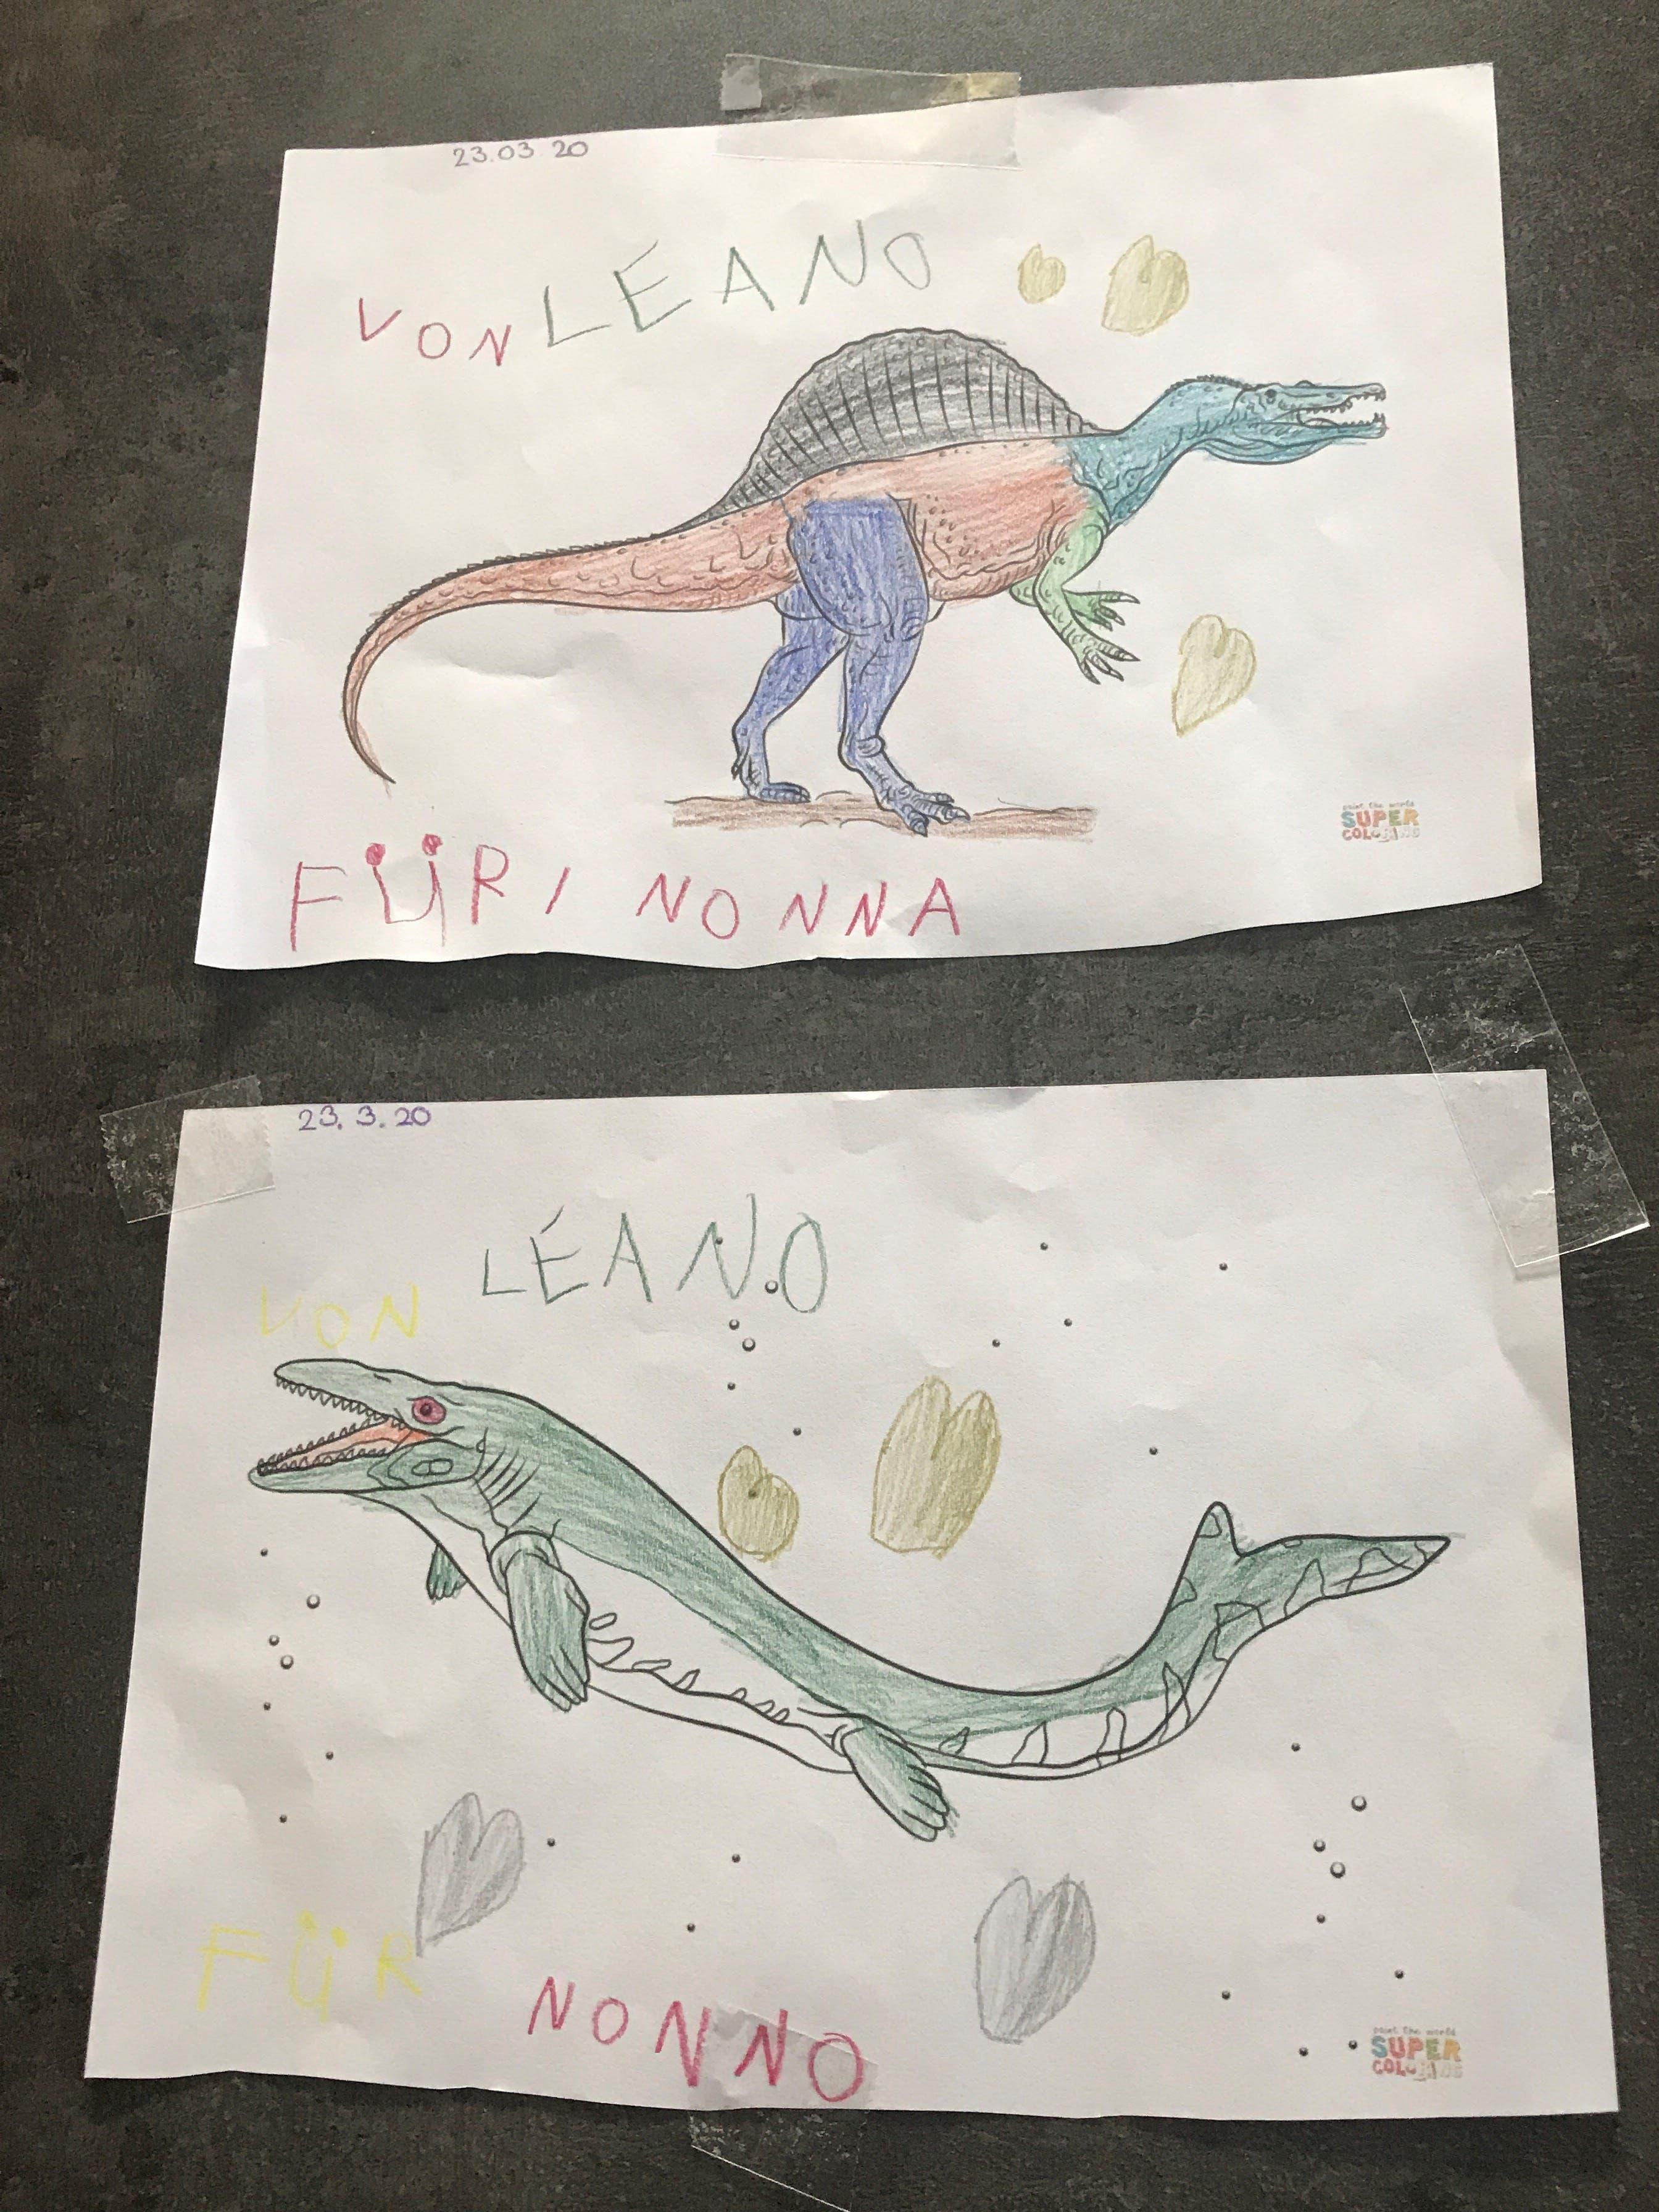 Ein Brief kam unerwartet mit diesen schönen Zeichnungen von unserem Enkel Leano 6 Jahre.  Wir hatten riesige Freude. Dankeschön Nonna und Nonno